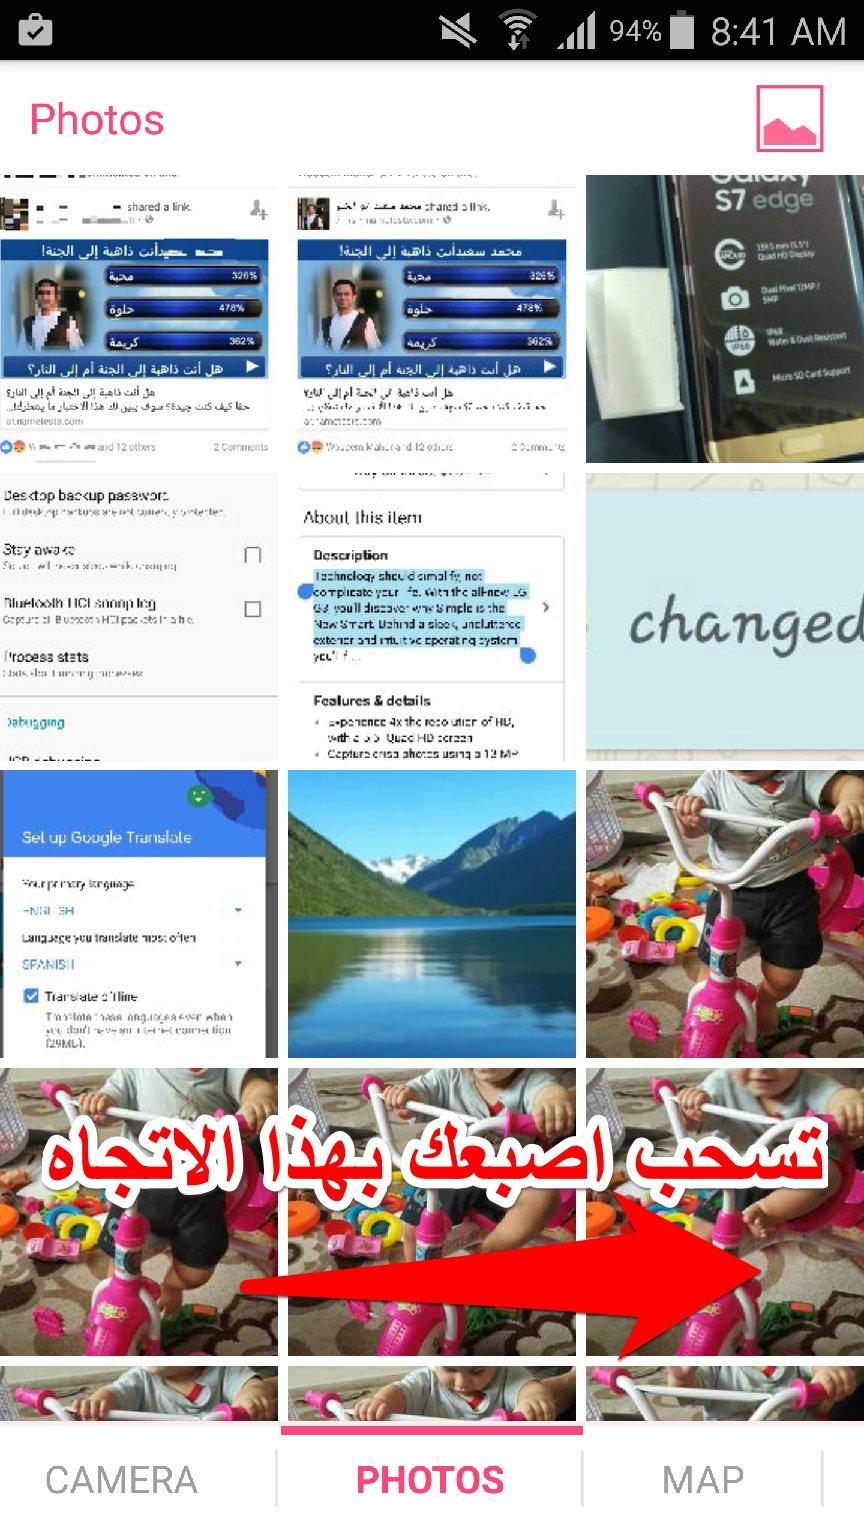 تطبيق Skitch لاضافة اسهم للصور وتشويش اجزاء منها والكتابة بالعربية | بحرية درويد